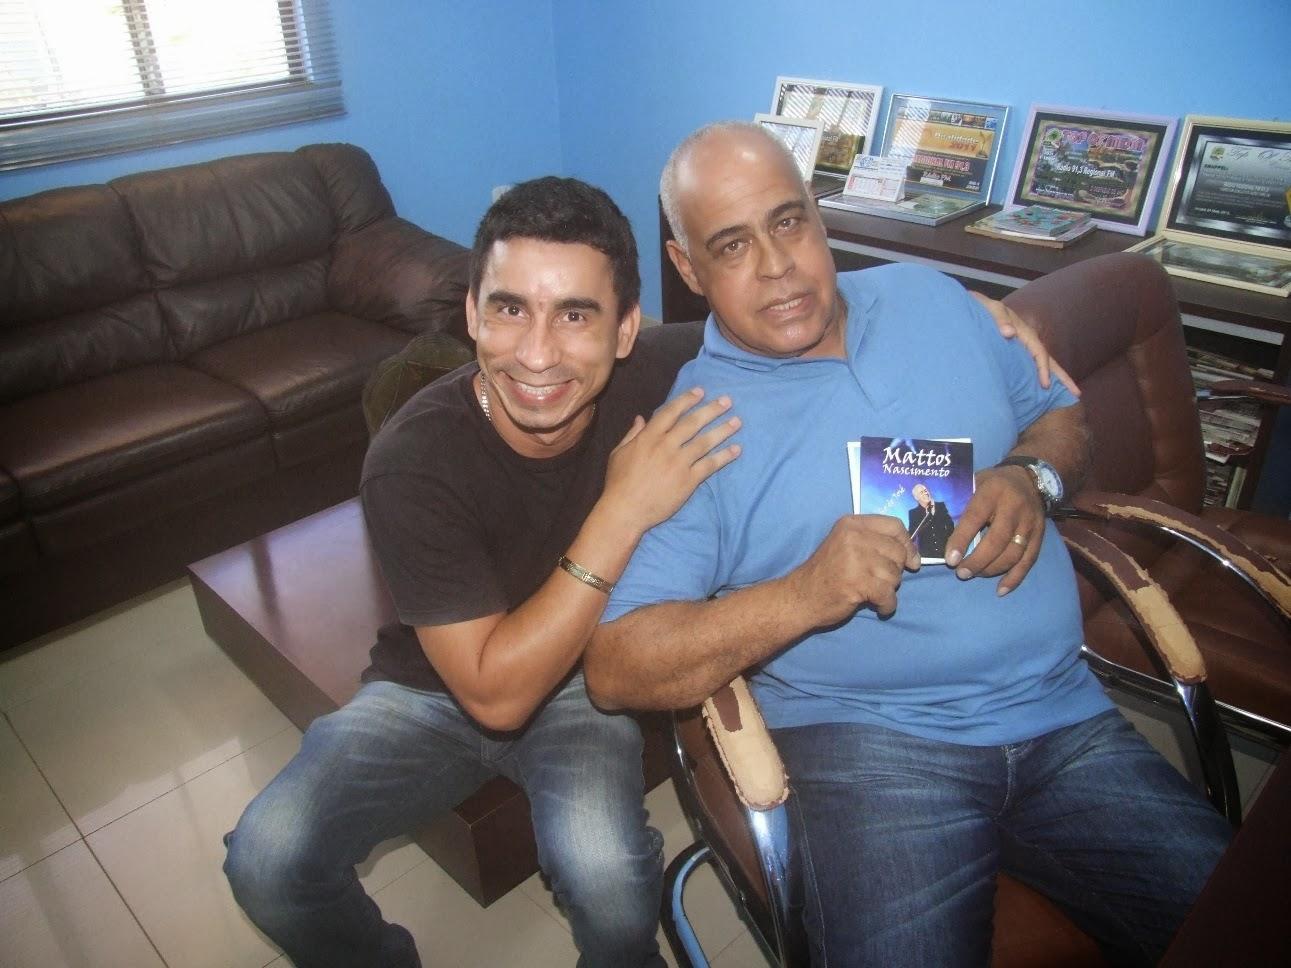 Joabe Reis e Mattos Nascimento, cantor gospel